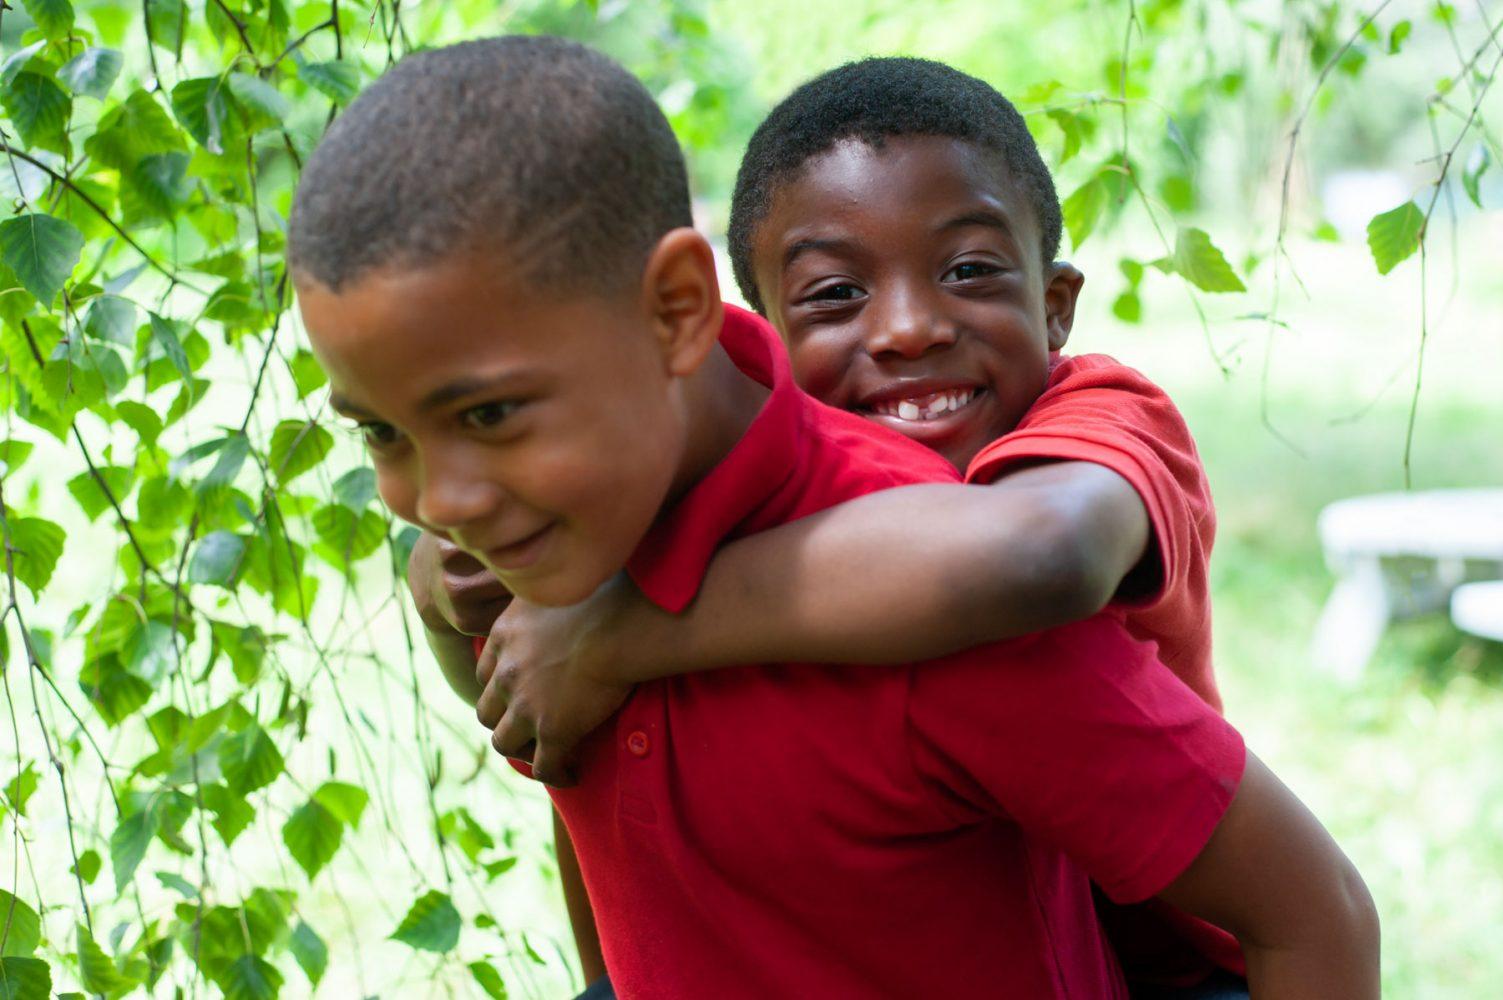 School pupils piggyback in garden